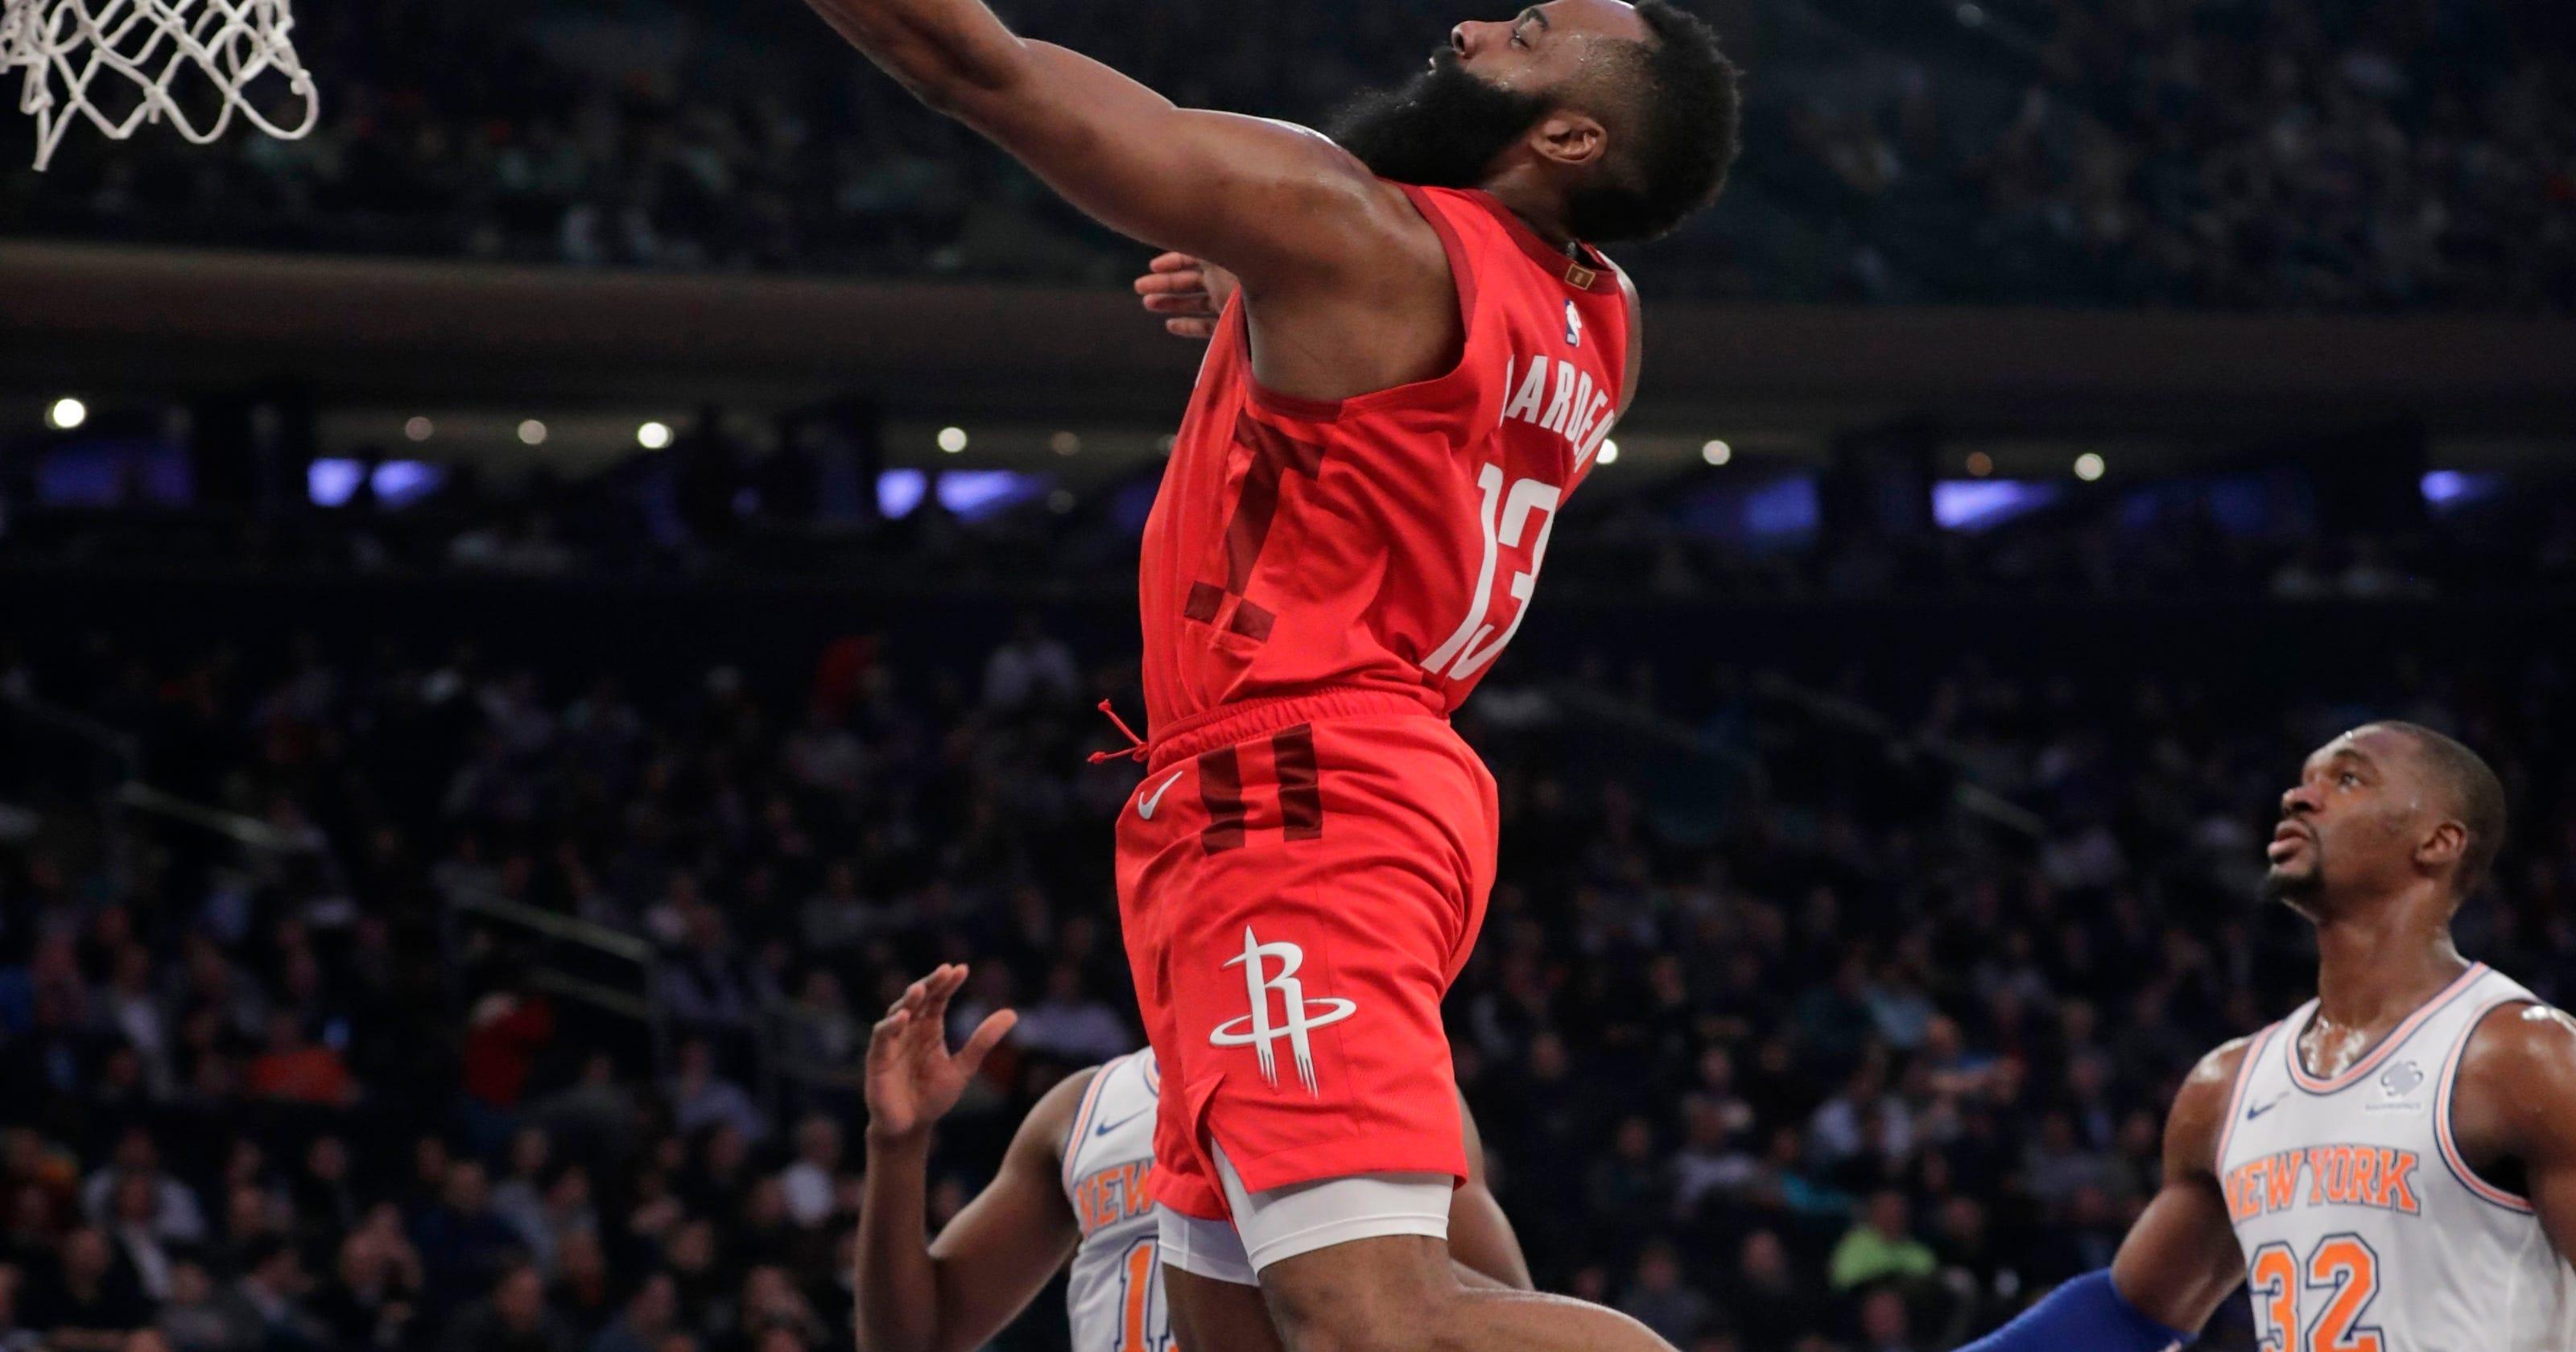 Harden has NBA's 4th-longest streak of 30-point games